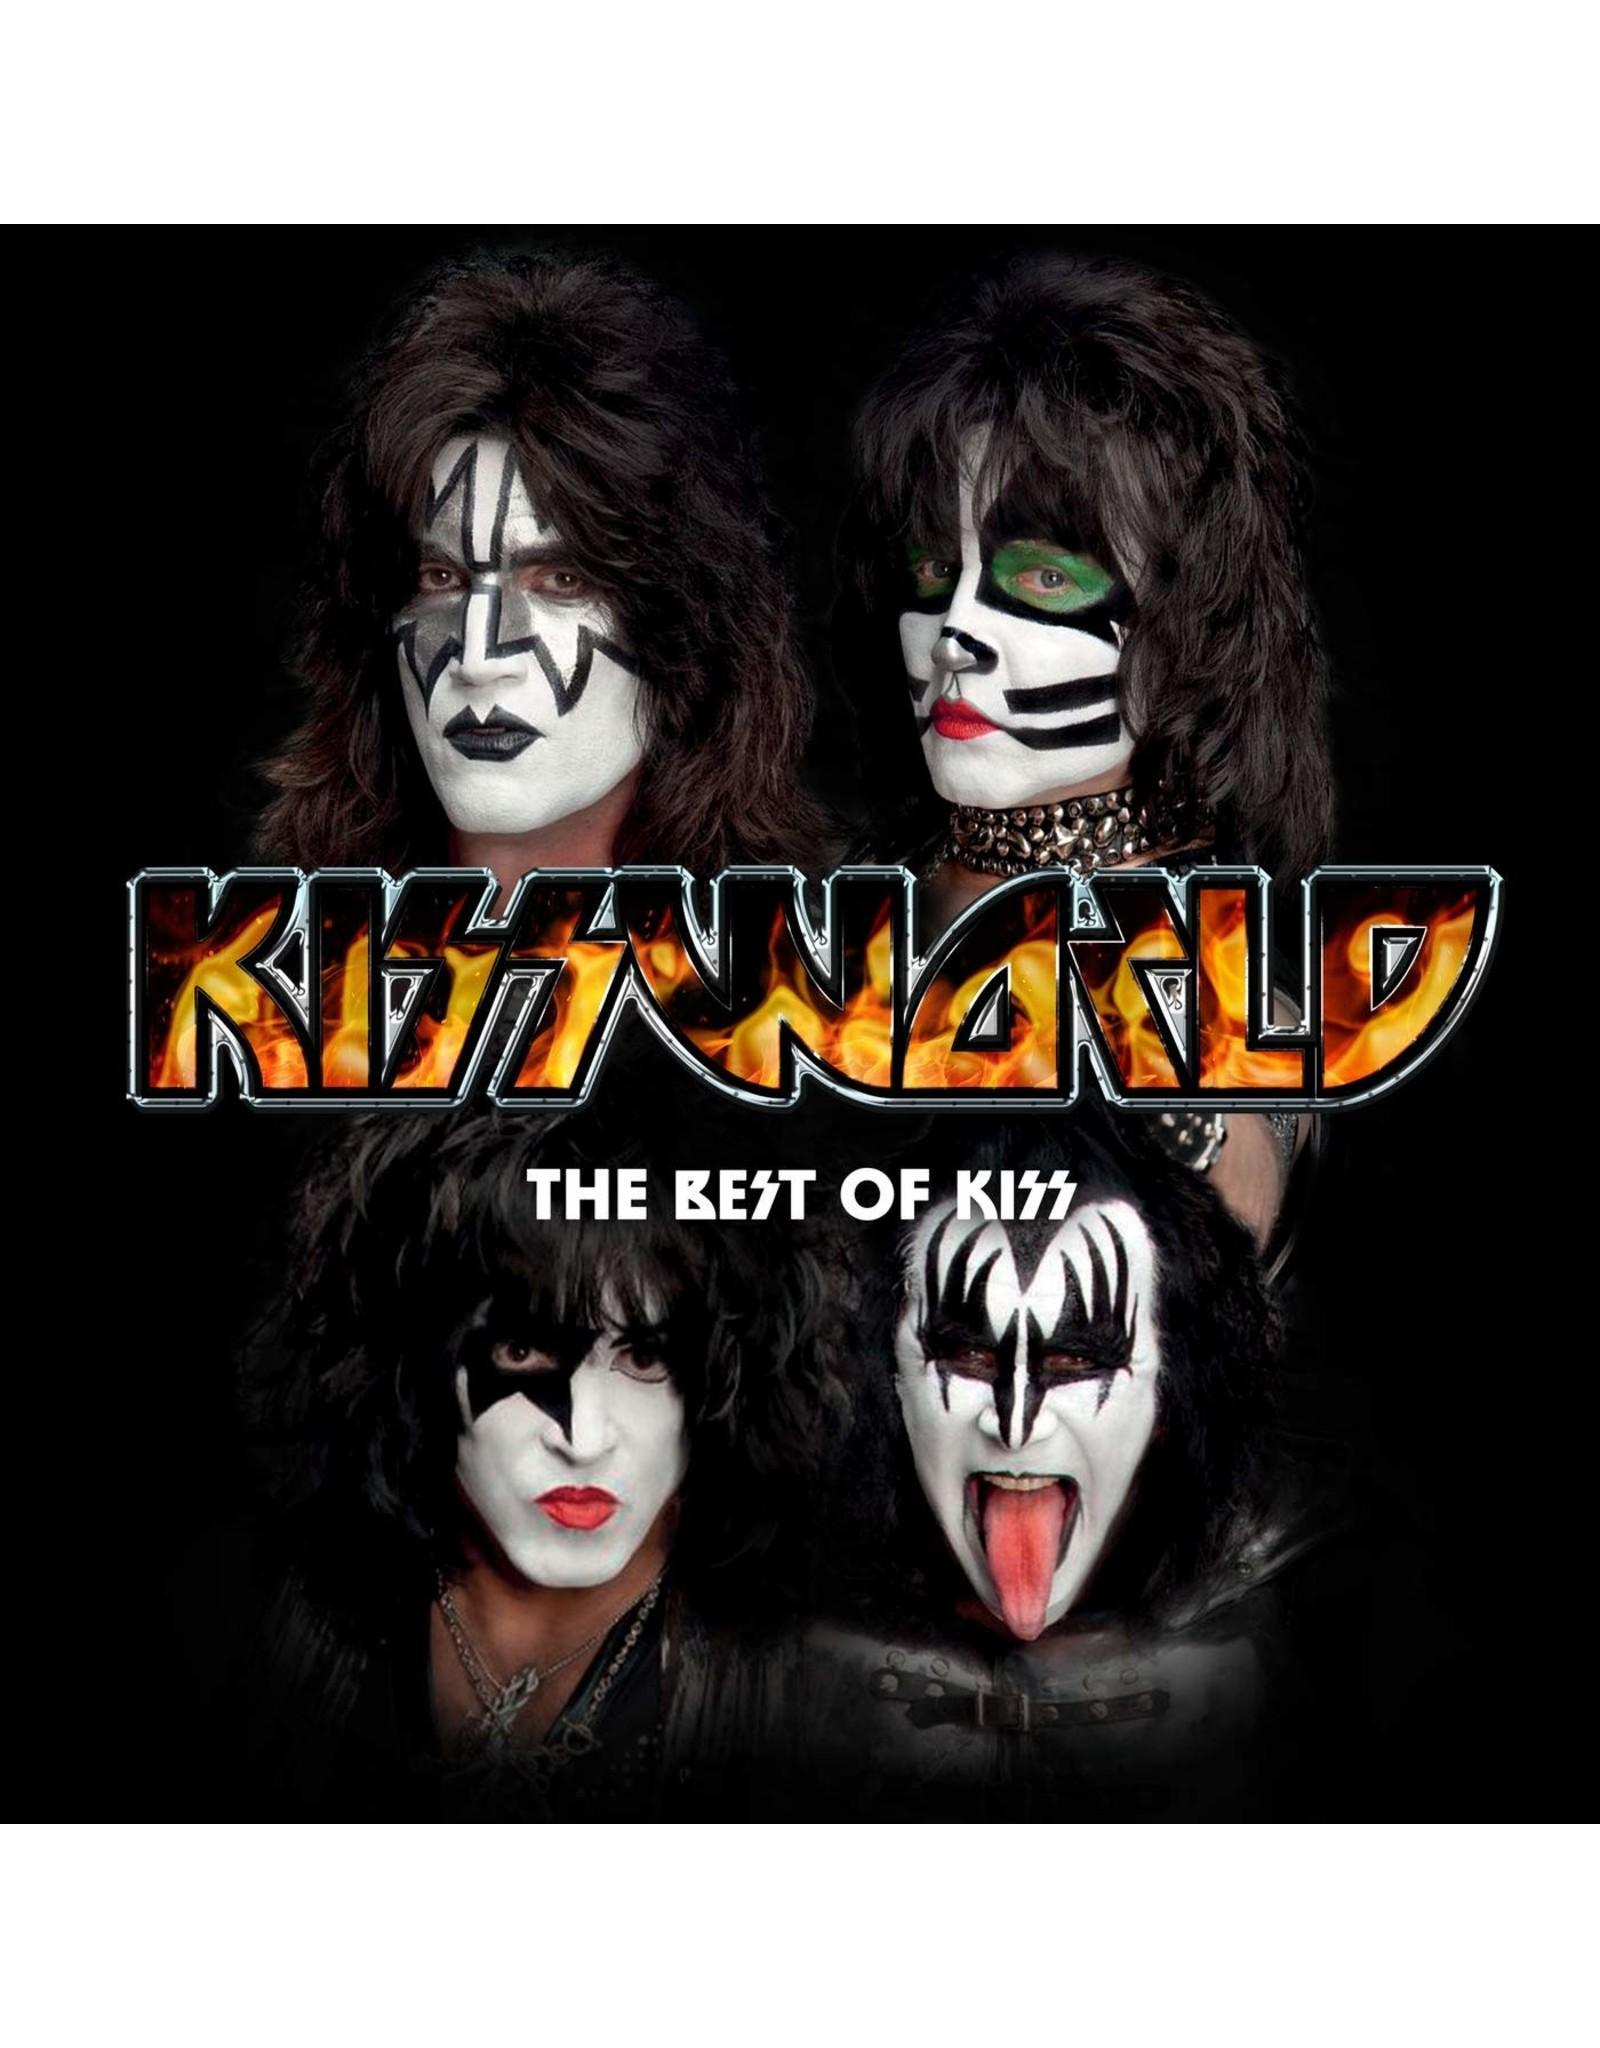 KISS - Kissworld (Best of KISS)